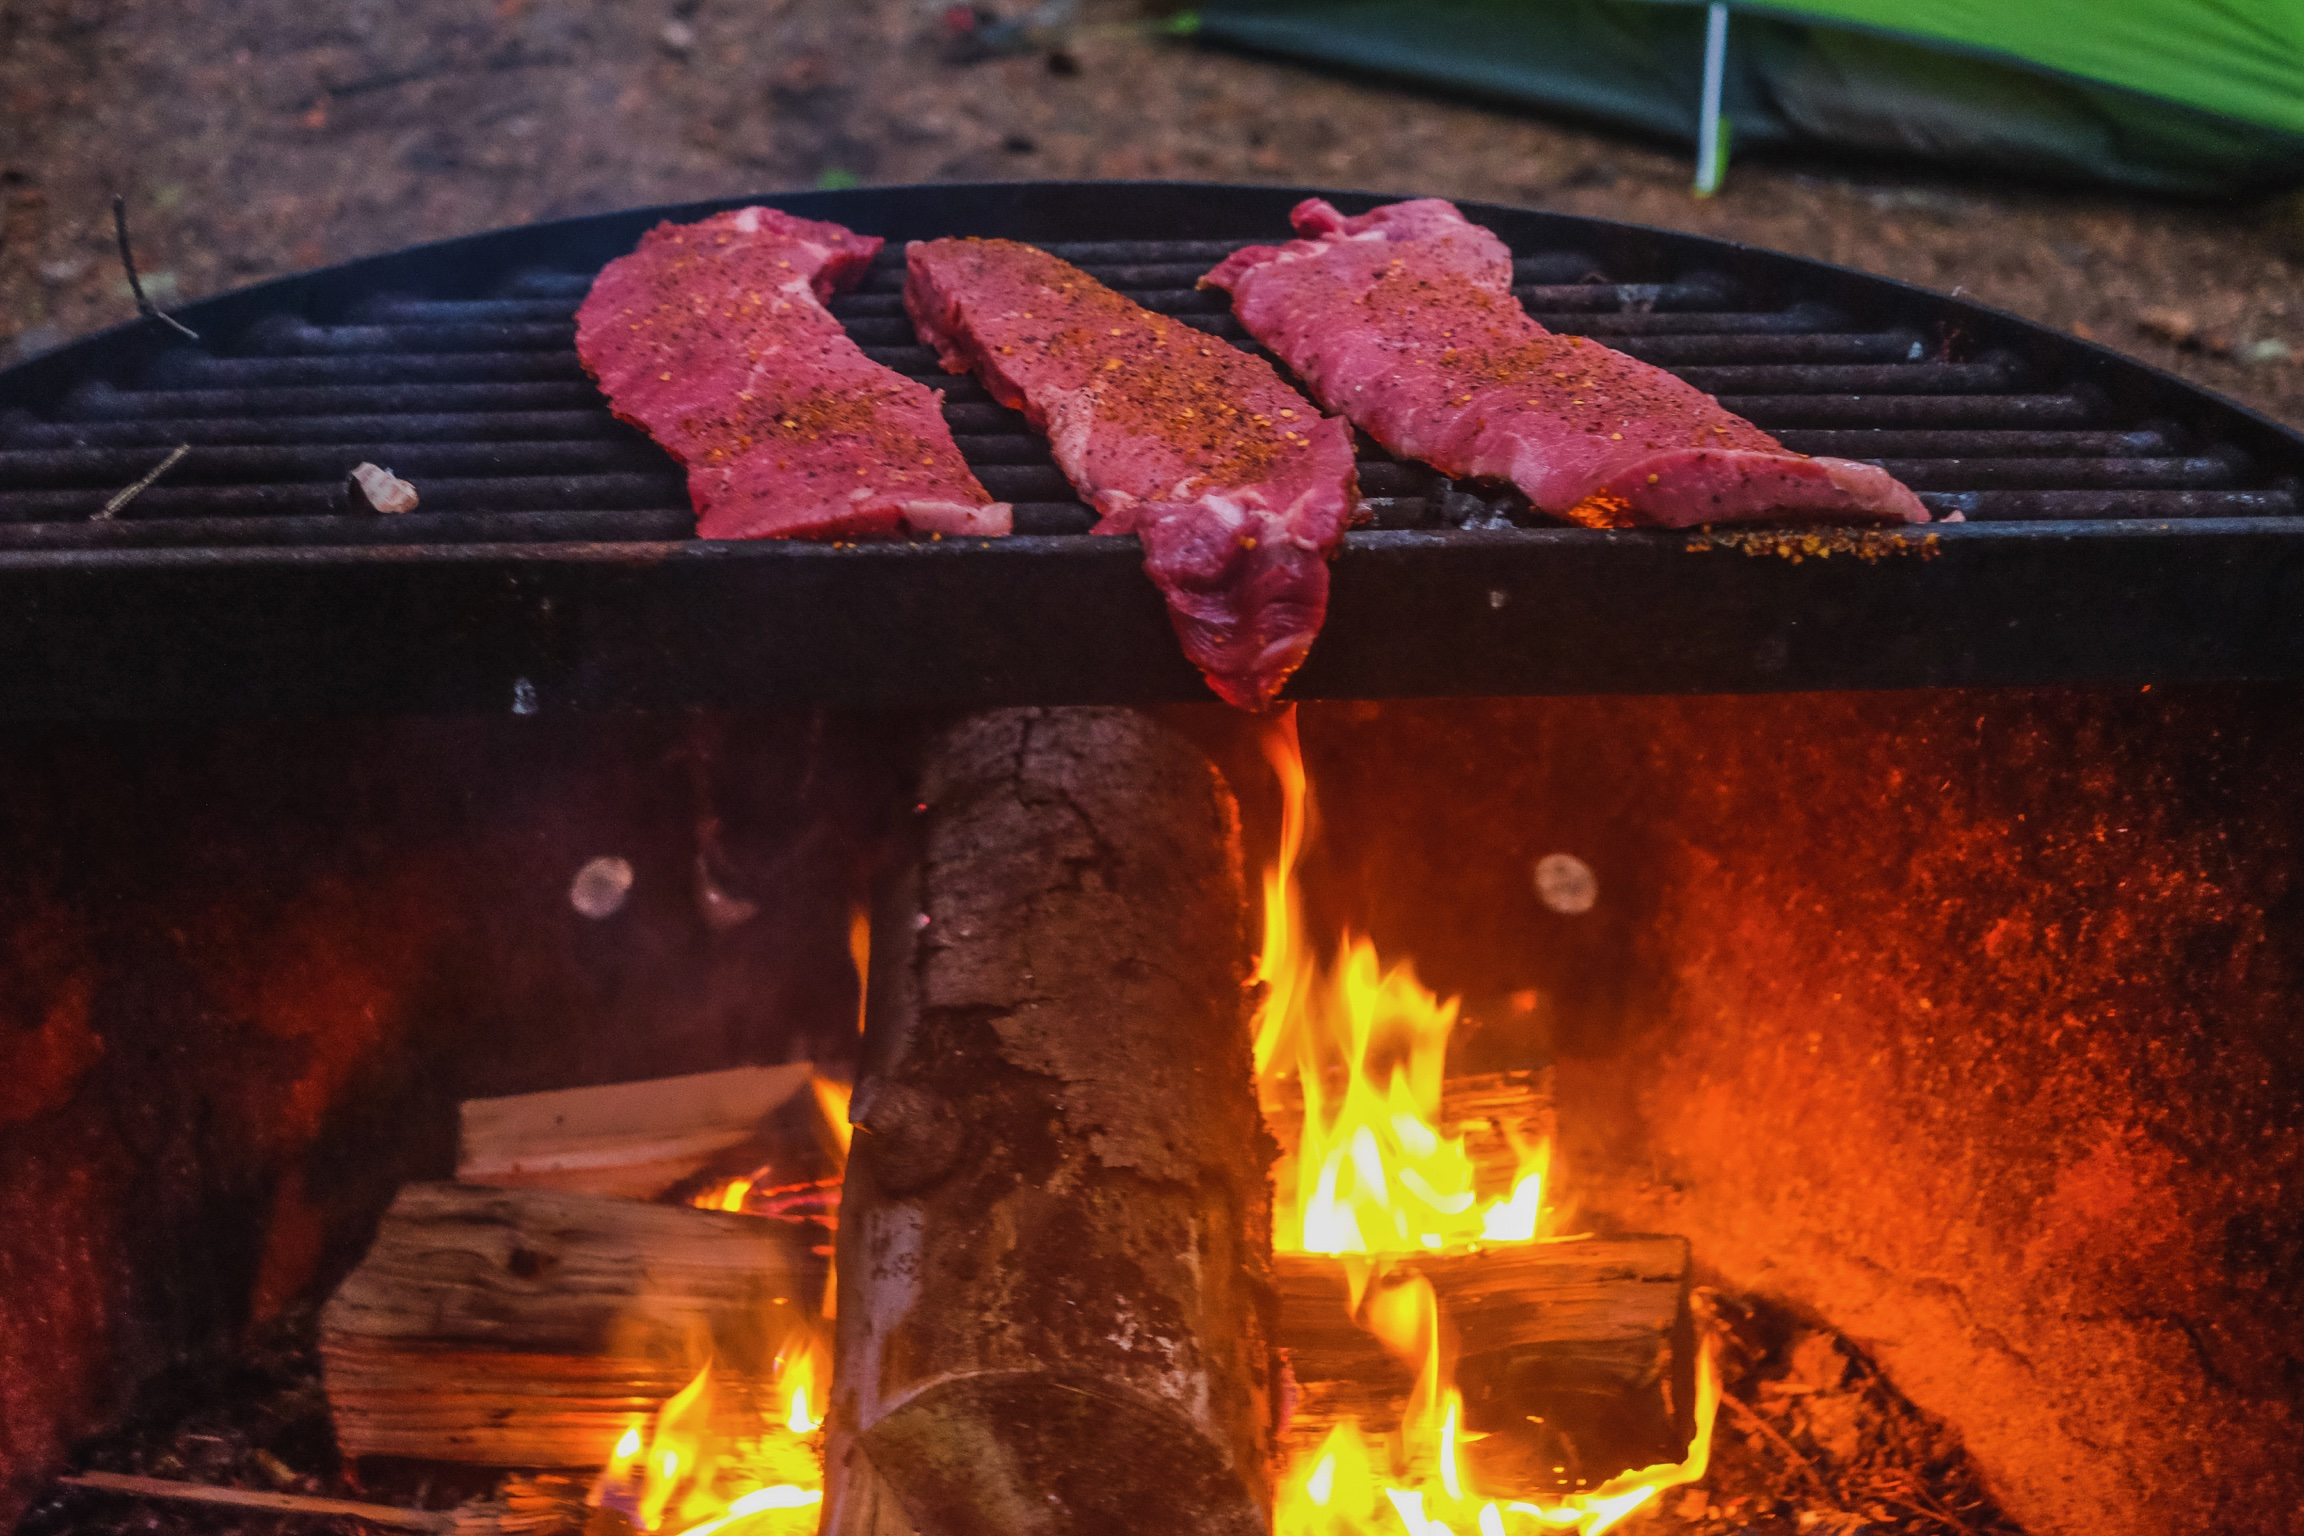 Steaks for dinner! Cavemen love fire...-.jpg